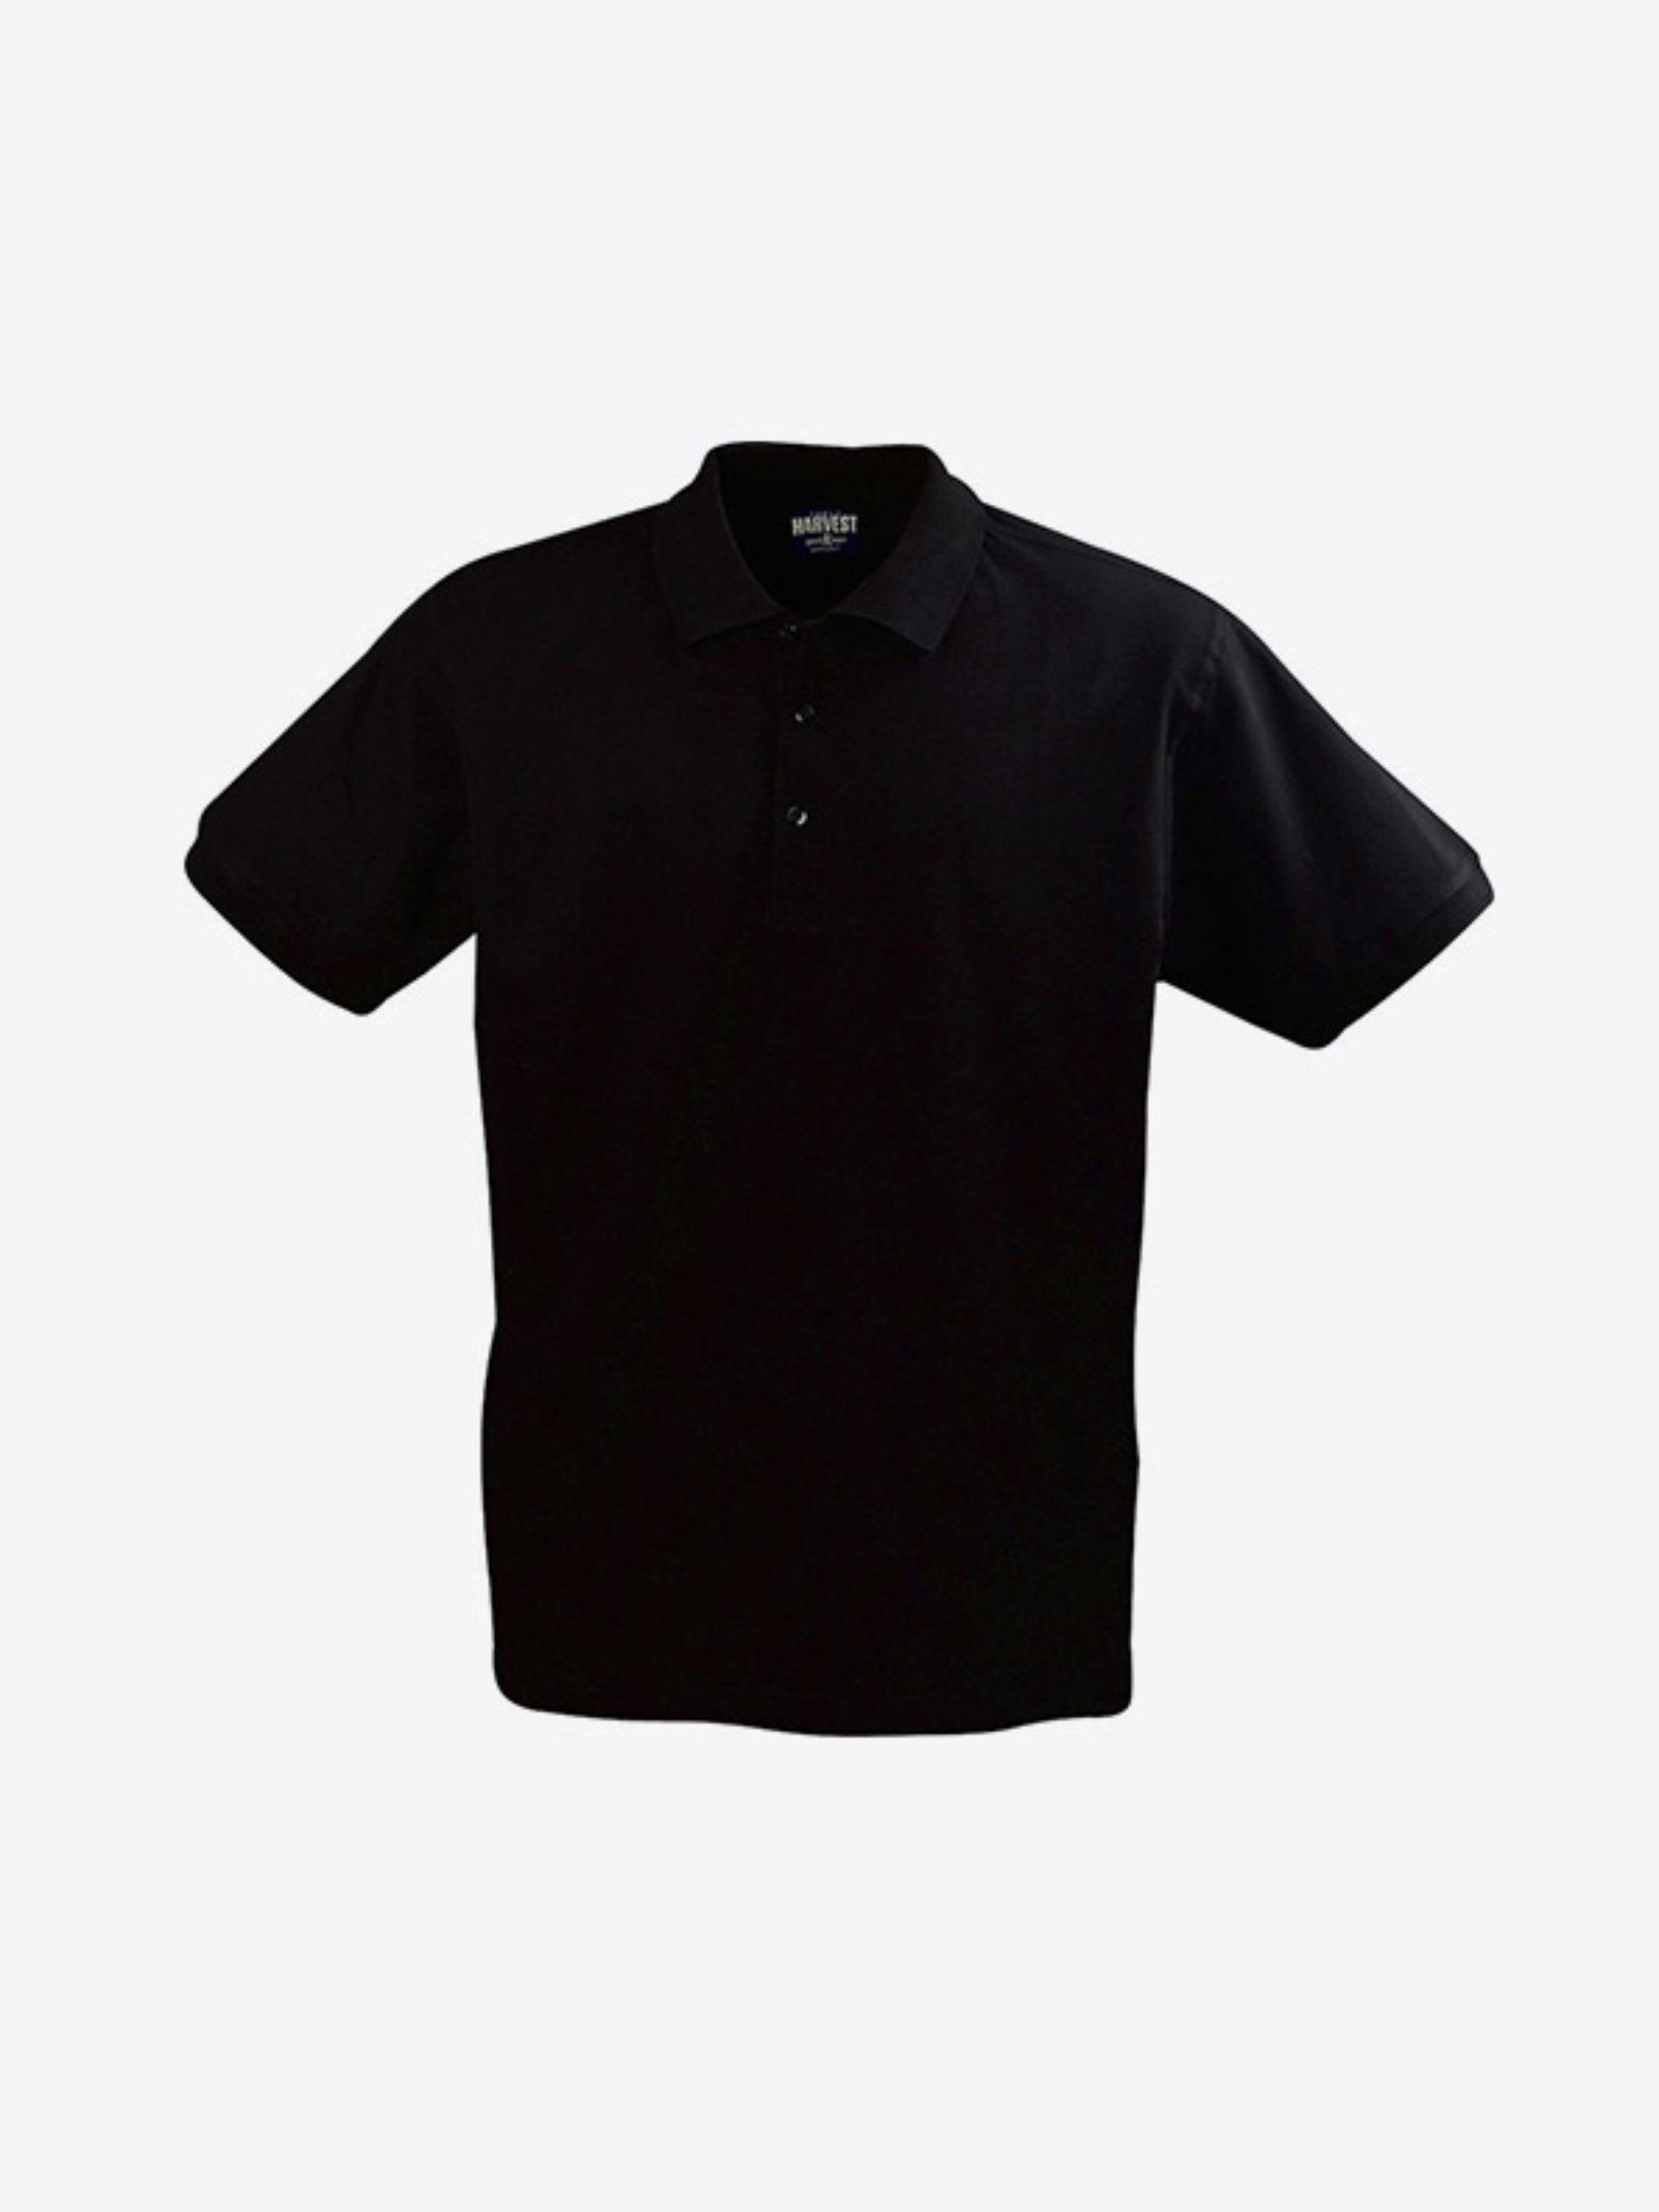 Herren Polo Shirt Mit Firmenlogo Besticken Lassen Harvest Eagle Schwarz